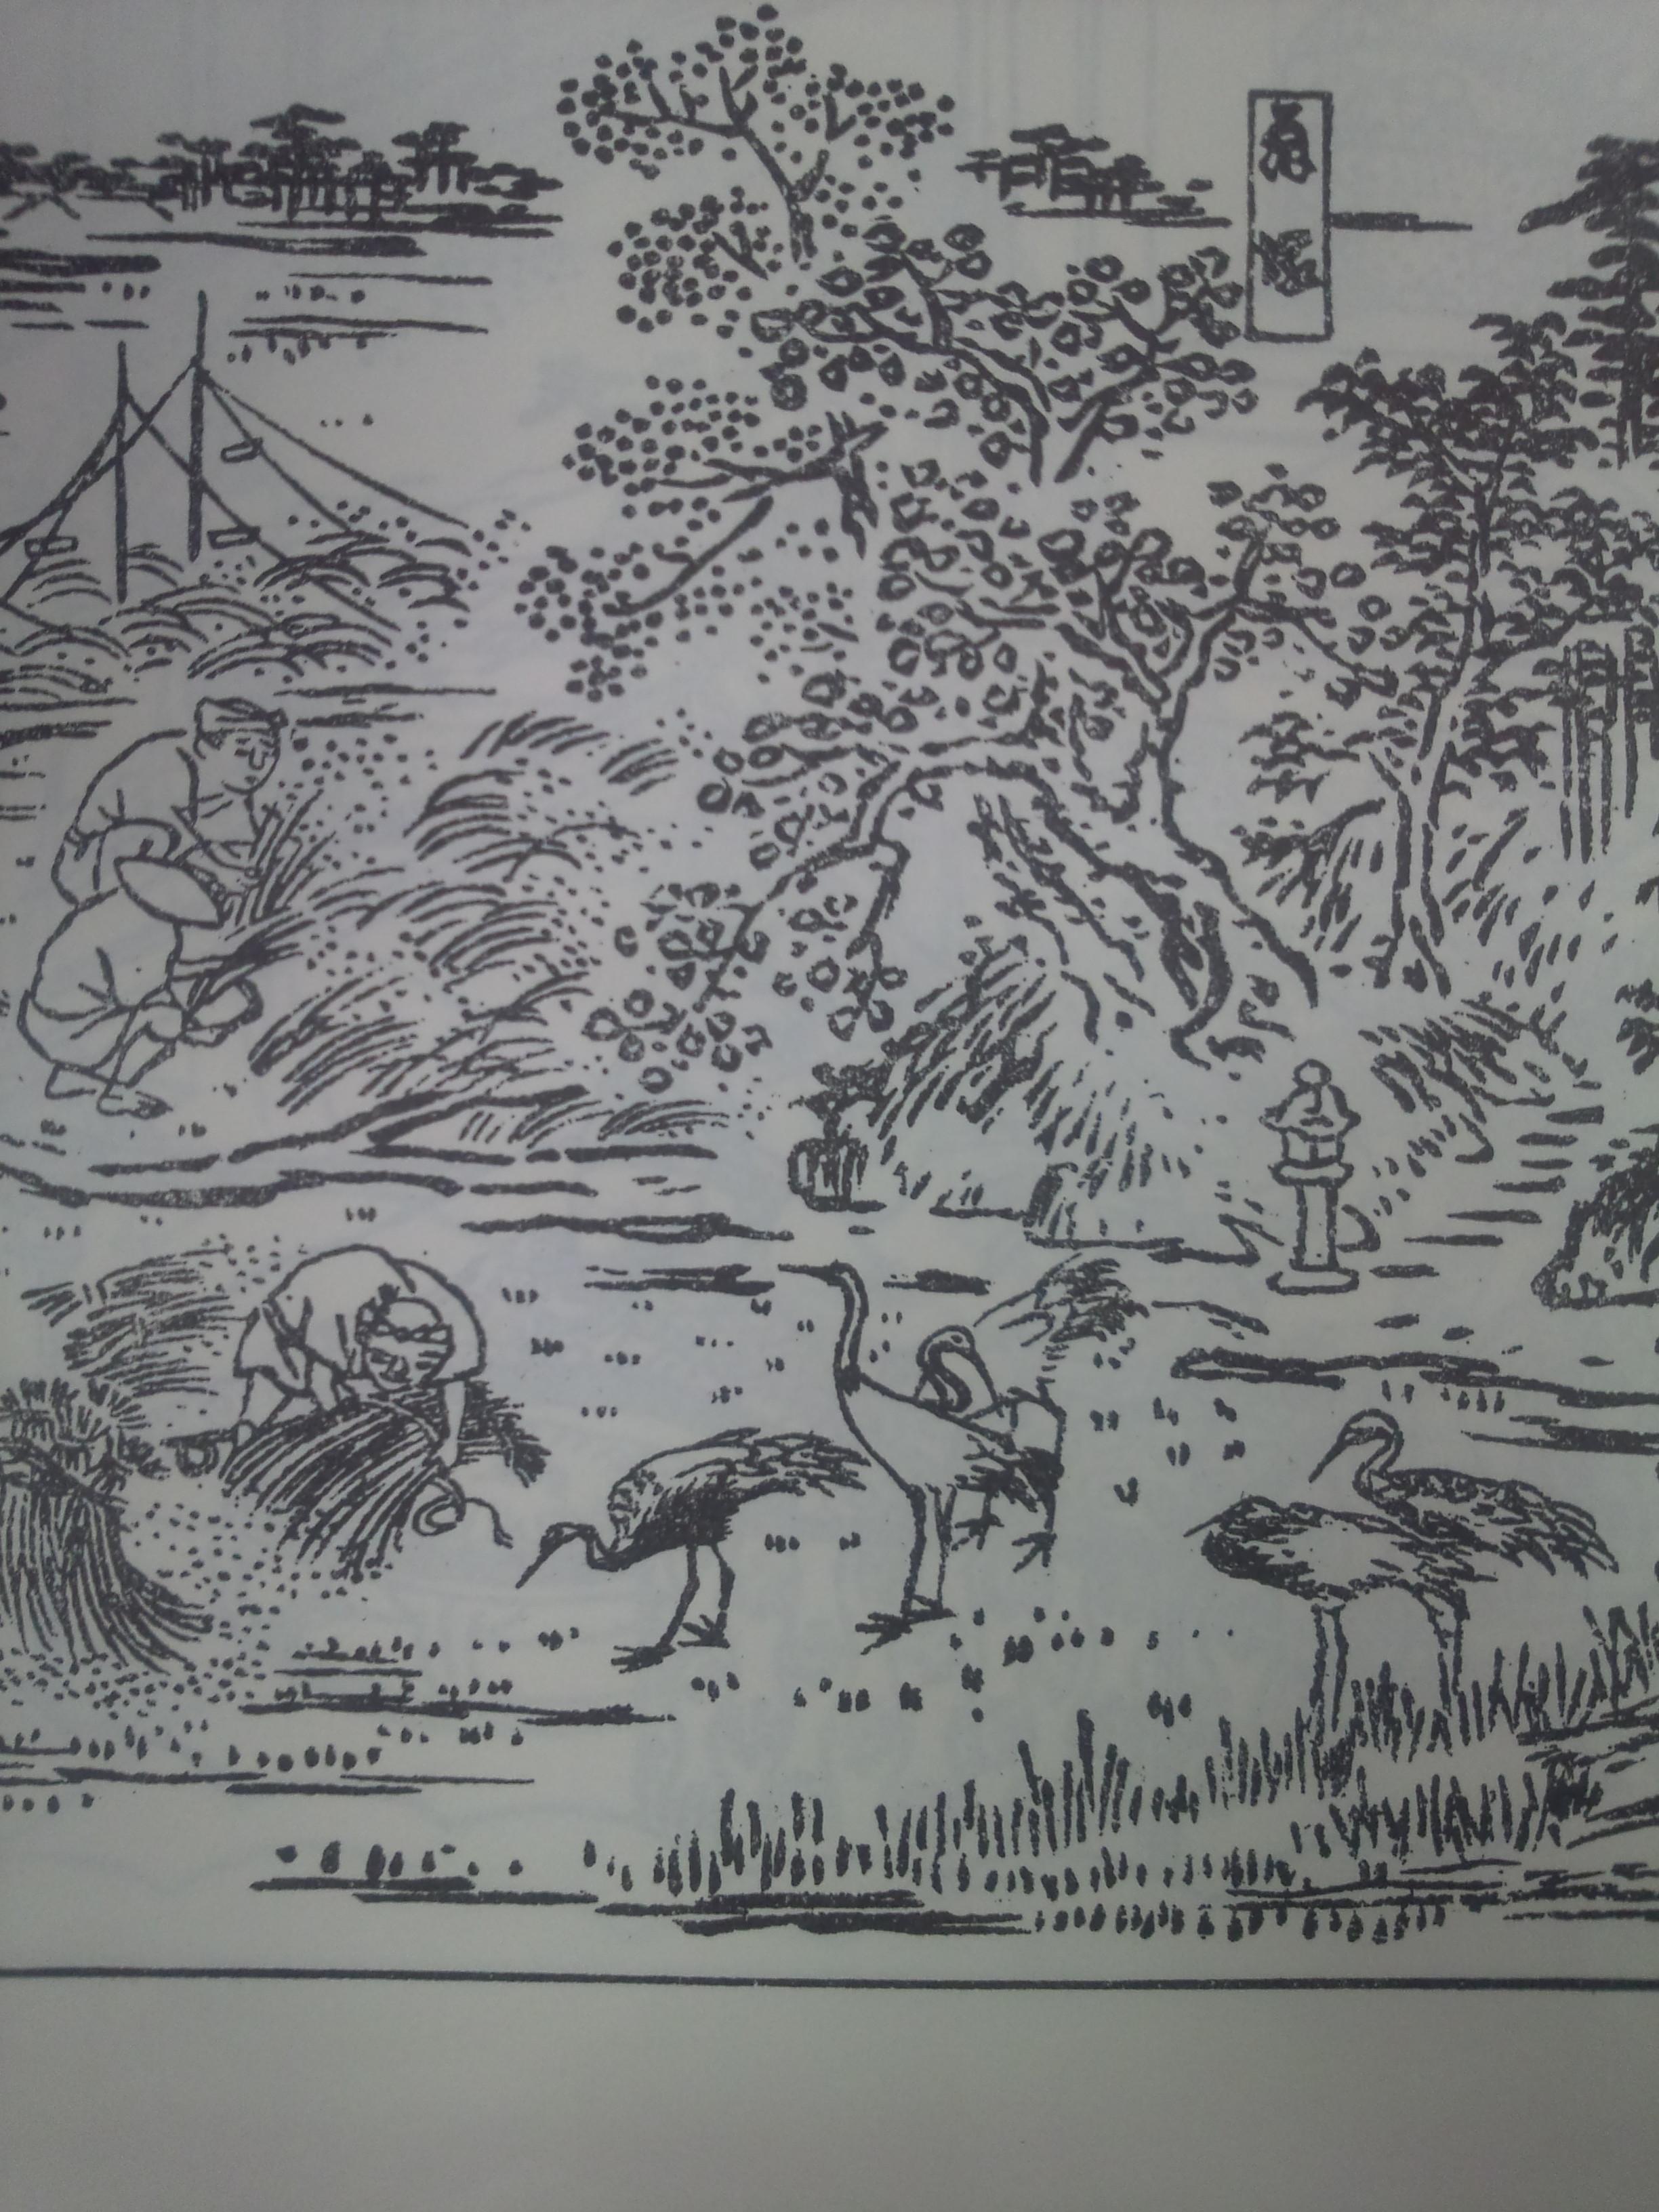 『伊勢参宮名所図会』に見られる大淀の鶴